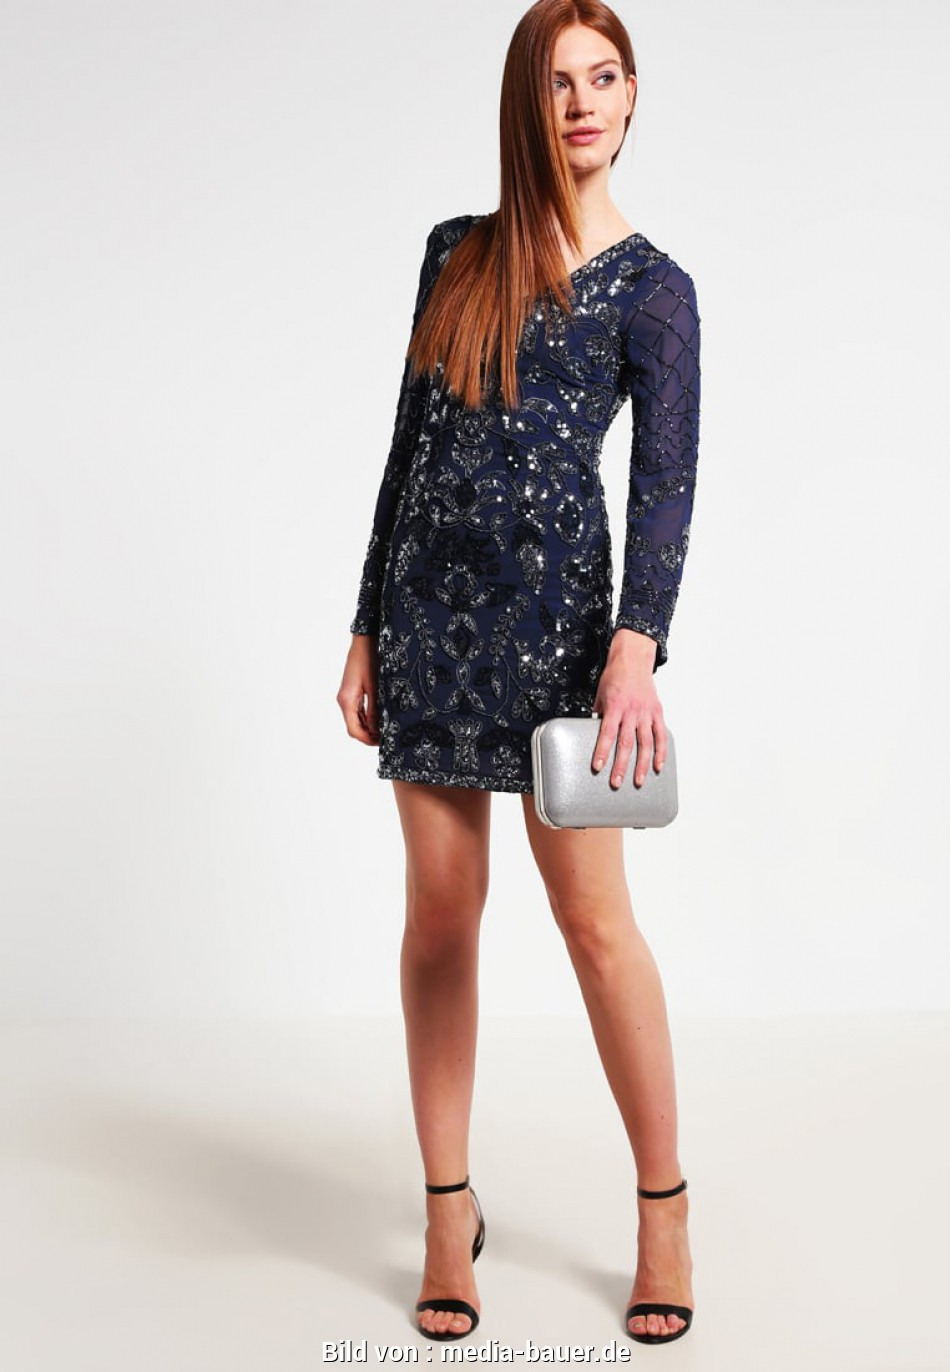 13 Erstaunlich Zara Damen Abendkleider Boutique15 Schön Zara Damen Abendkleider Stylish